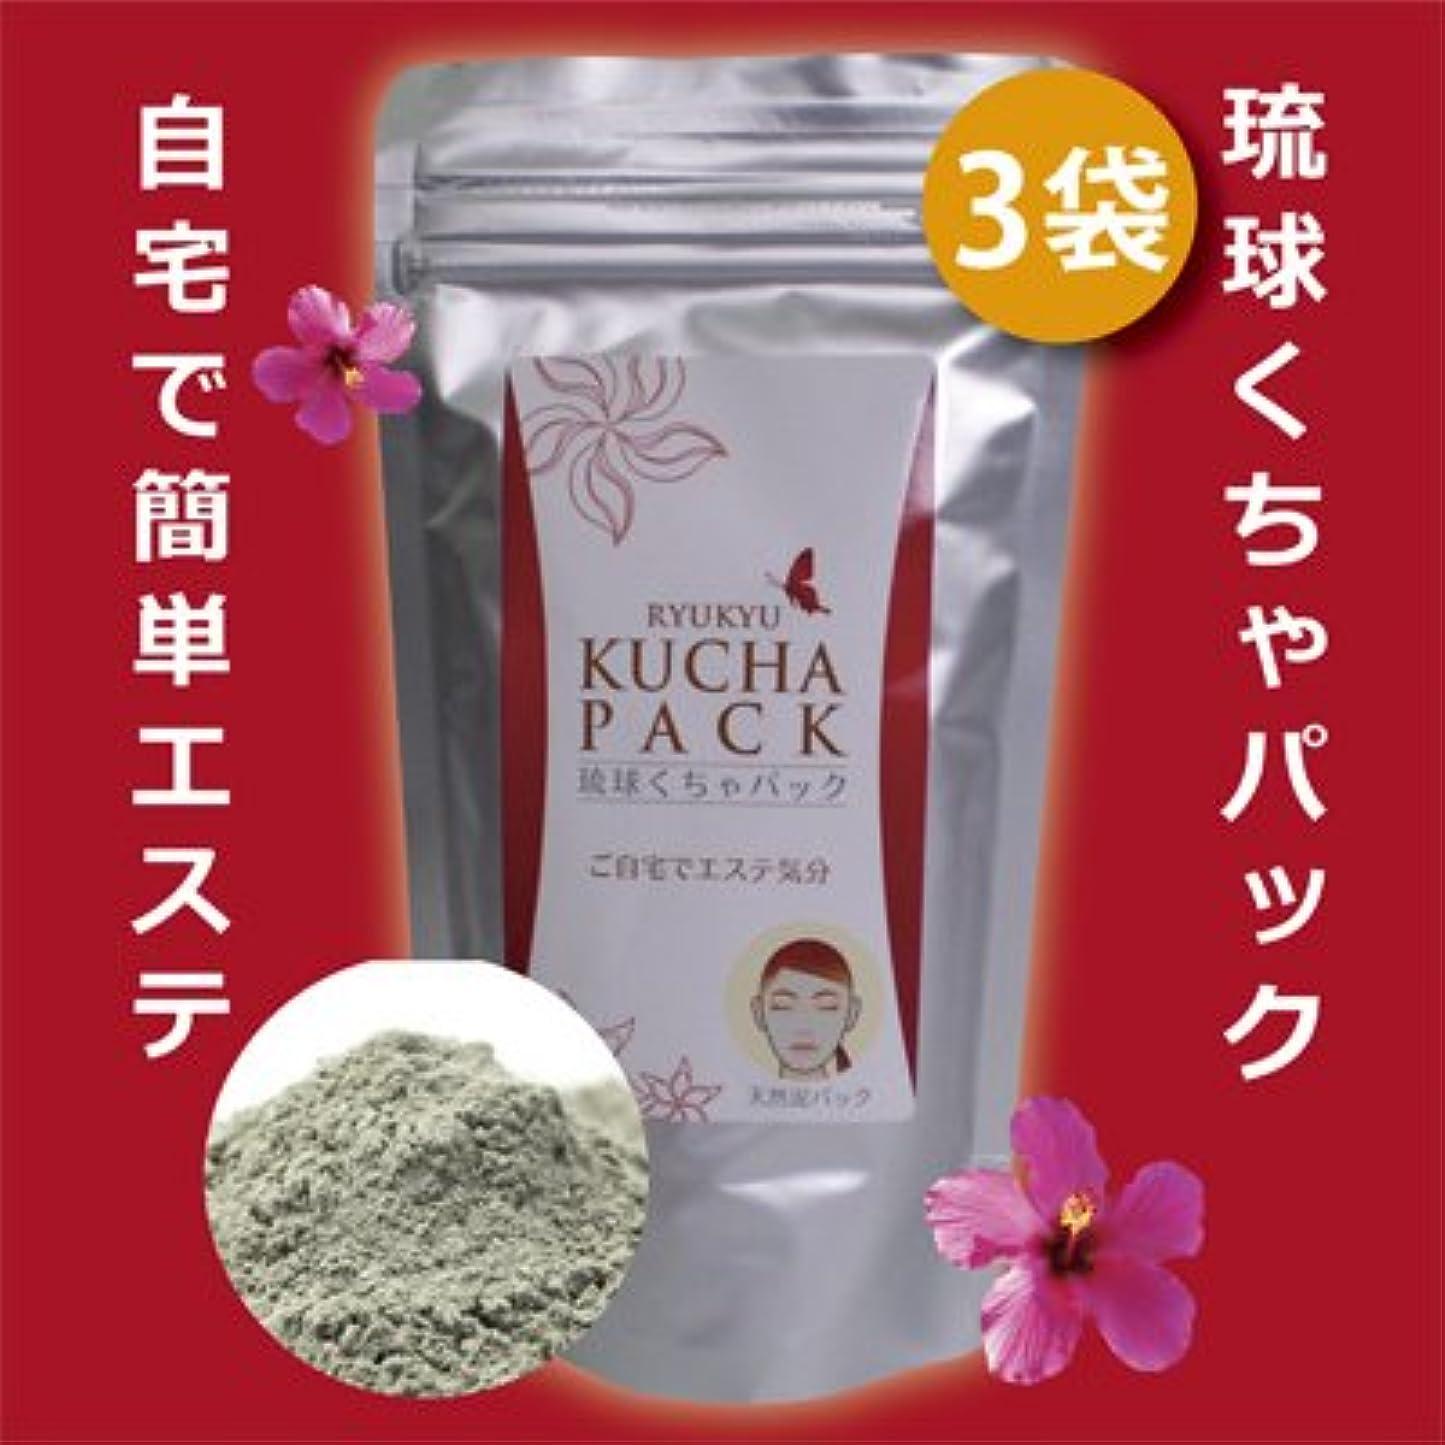 ポップ矢症候群美肌?健康作り 月桃水を加えた使いやすい粉末 沖縄産 琉球くちゃパック 150g 3パック